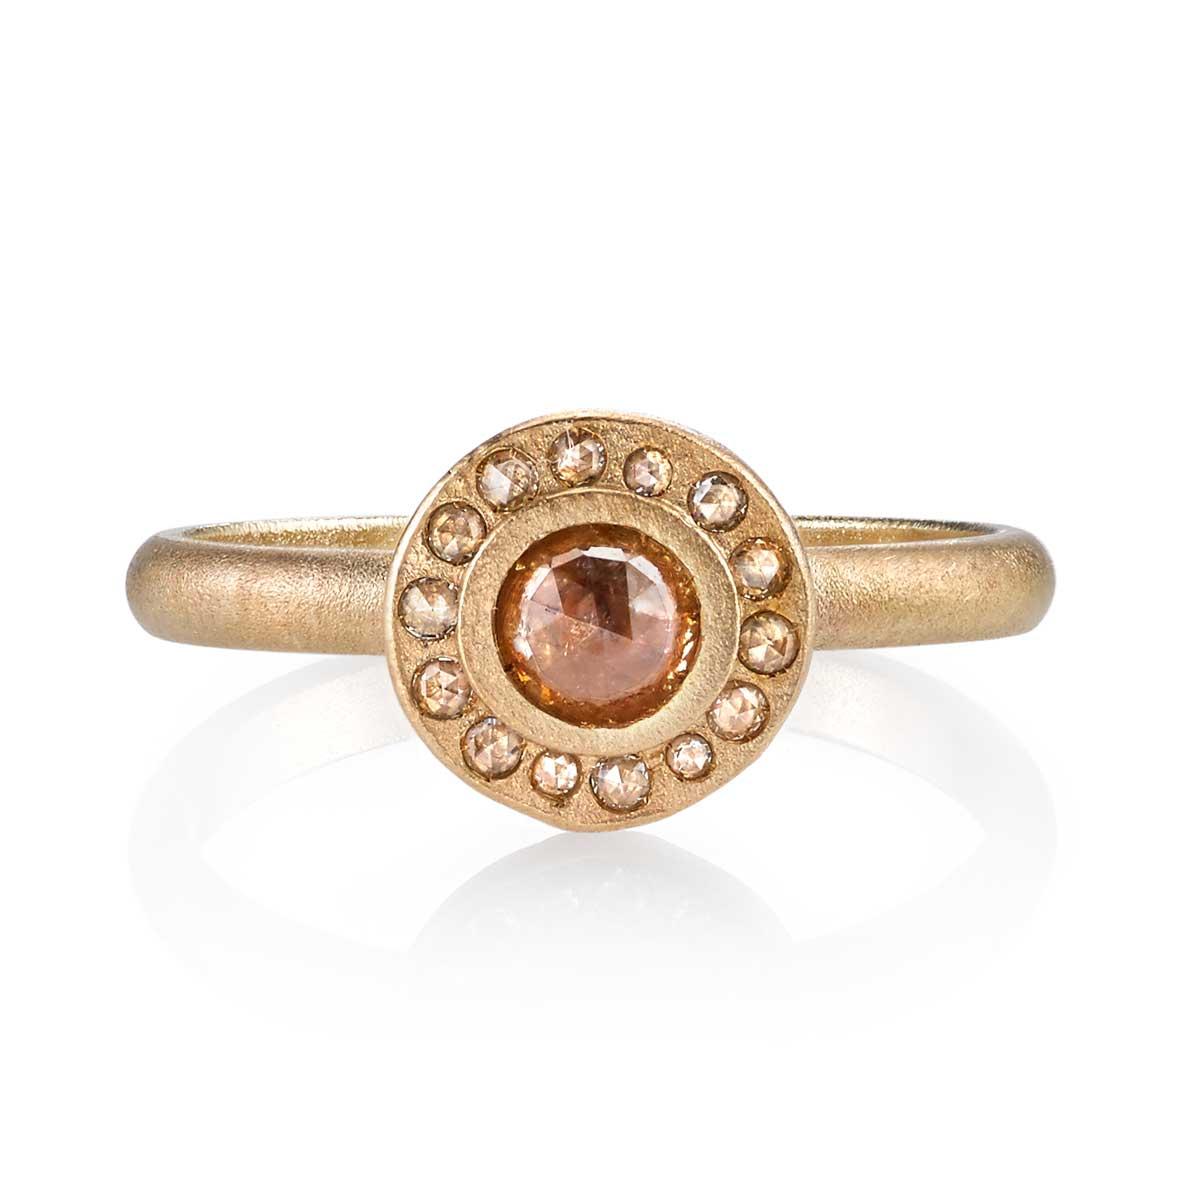 Center-Rose-Ring---Order-#003-C2_4-2870532.jpg